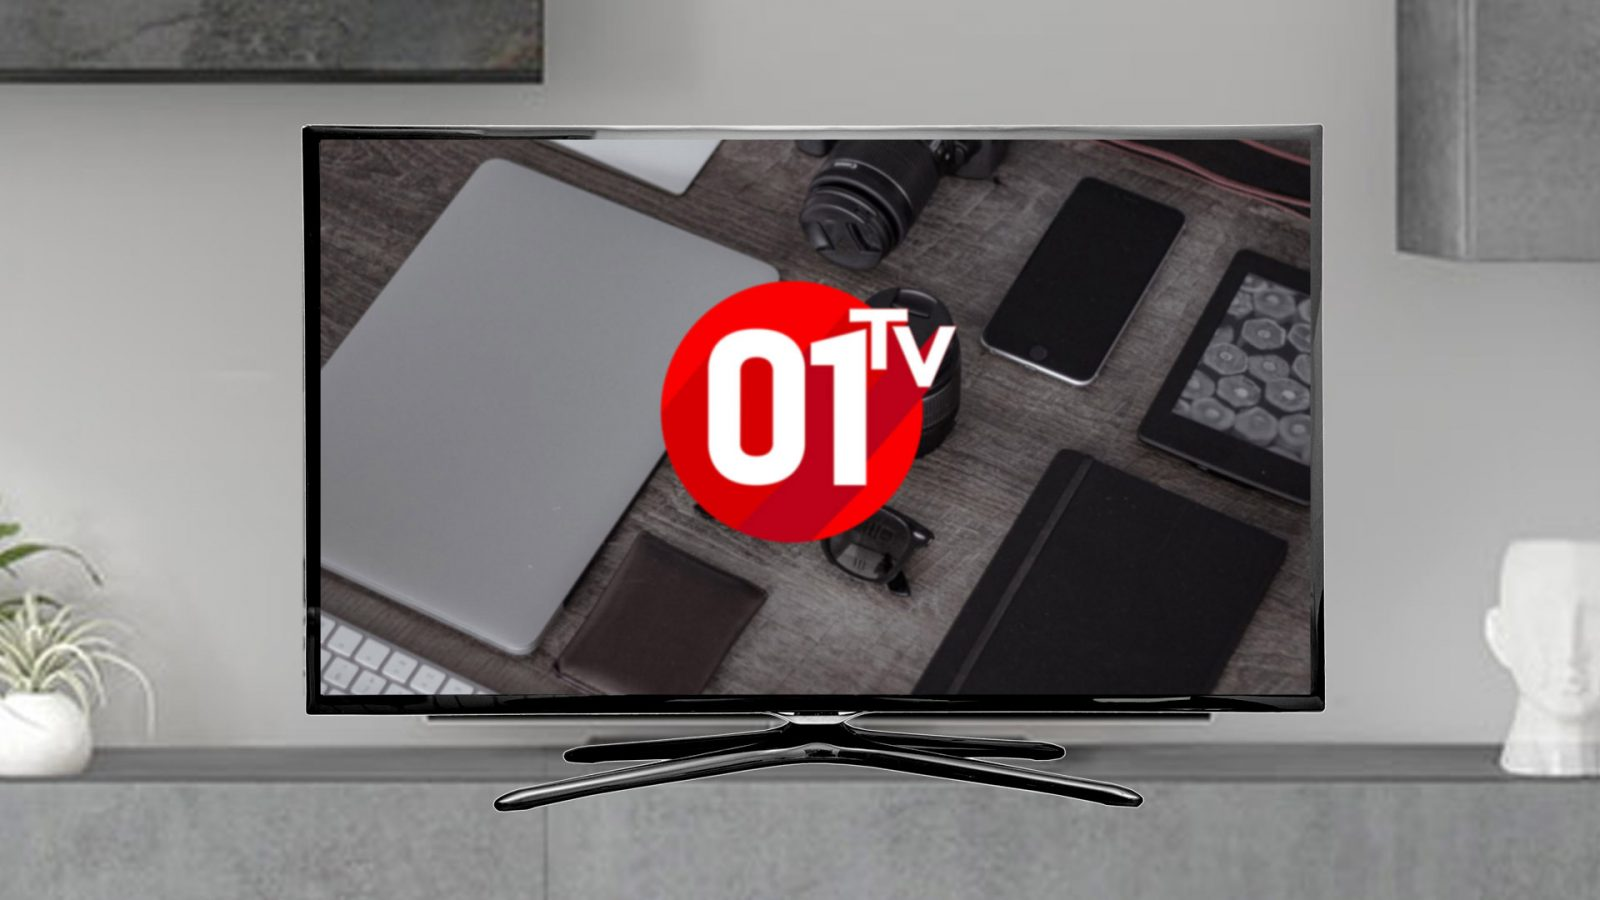 La chaîne 01TV commence à émettre ce lundi 6 janvier, à l'occasion du CES de Las Vegas